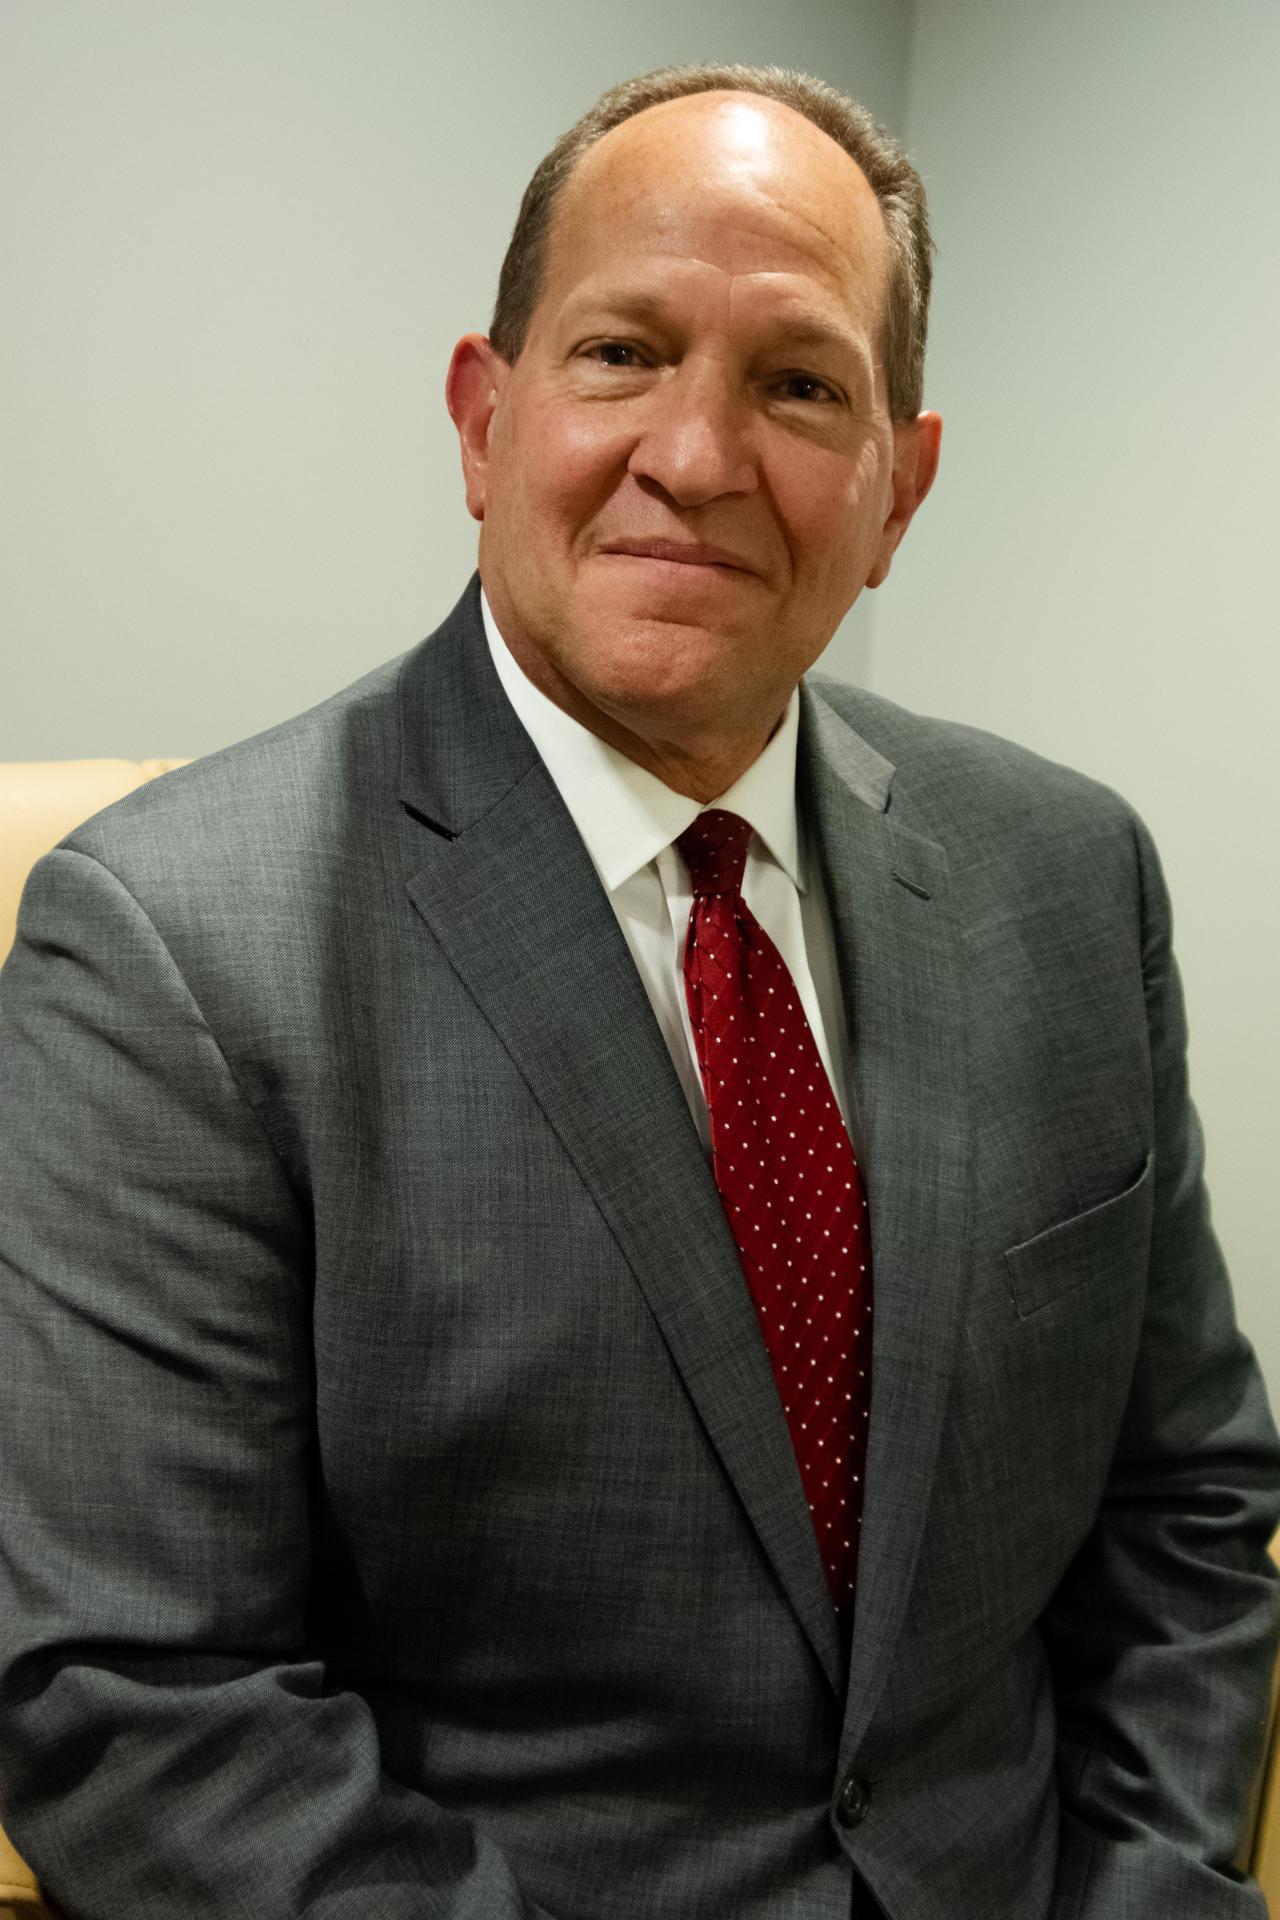 Superintendent Scott Robison